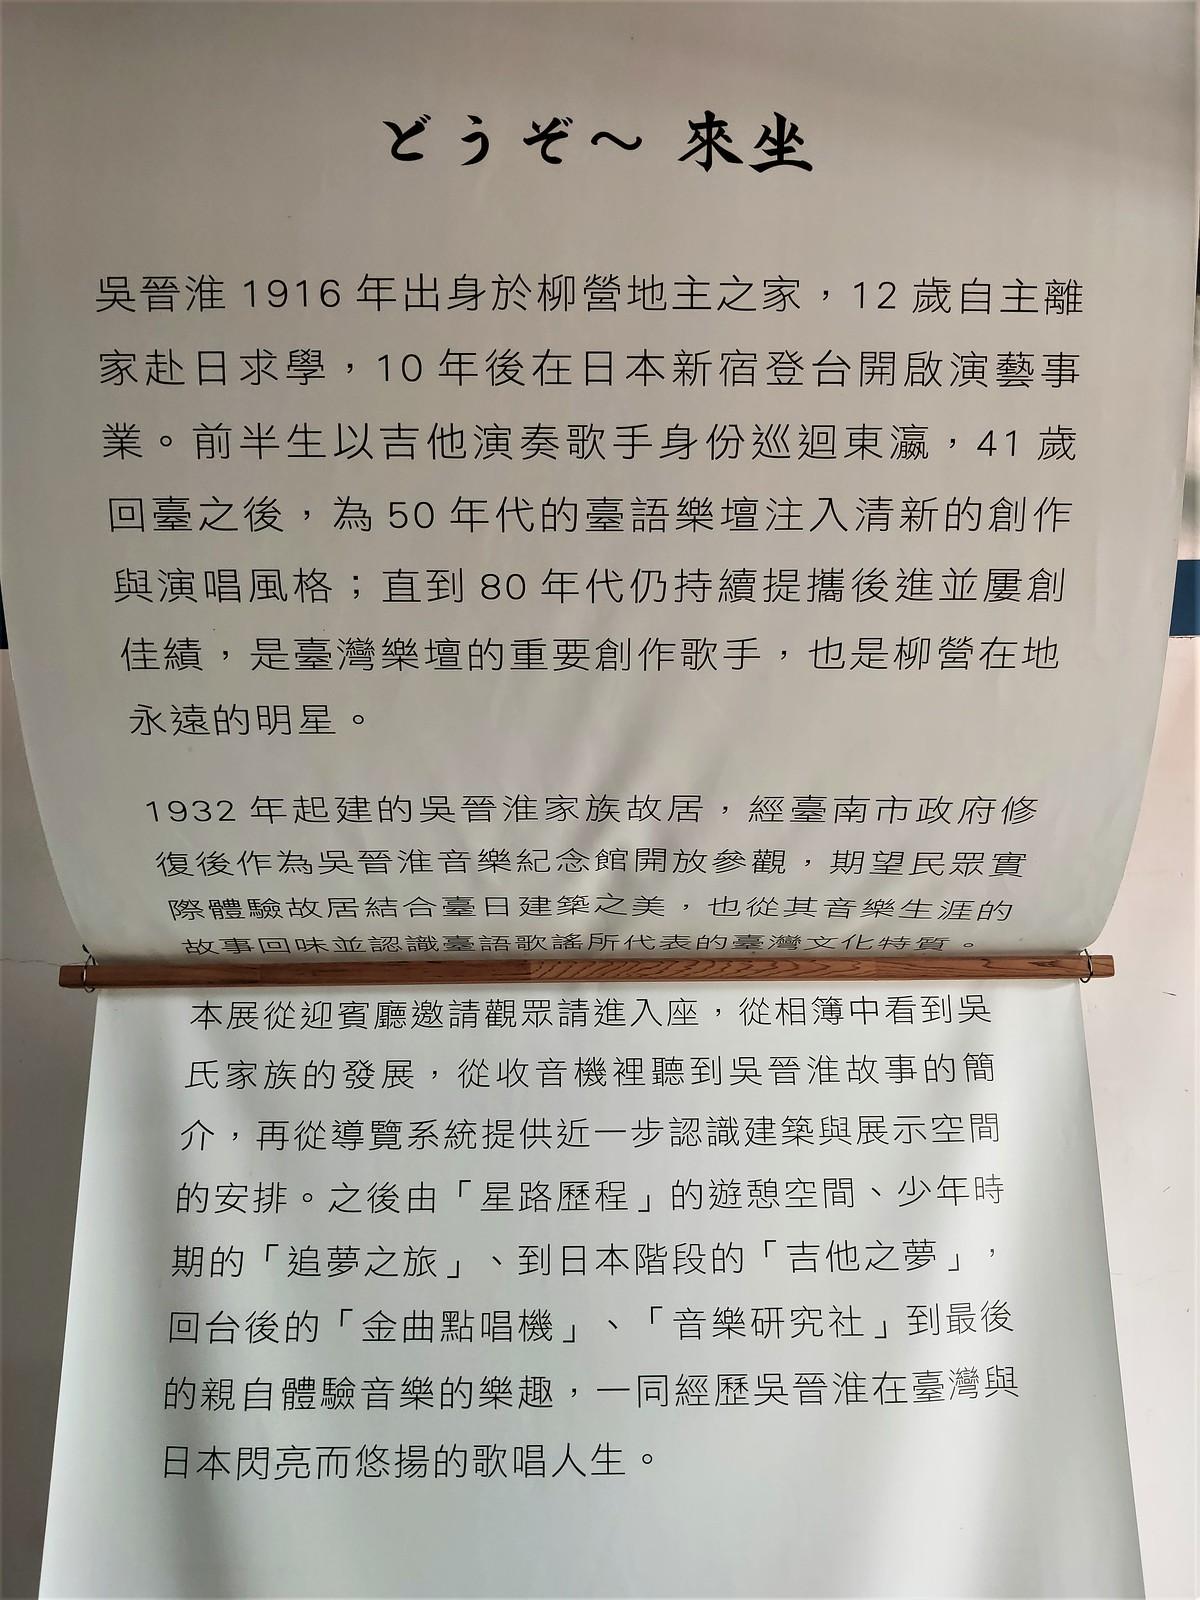 柳營吳晉淮音樂紀念館 (11)